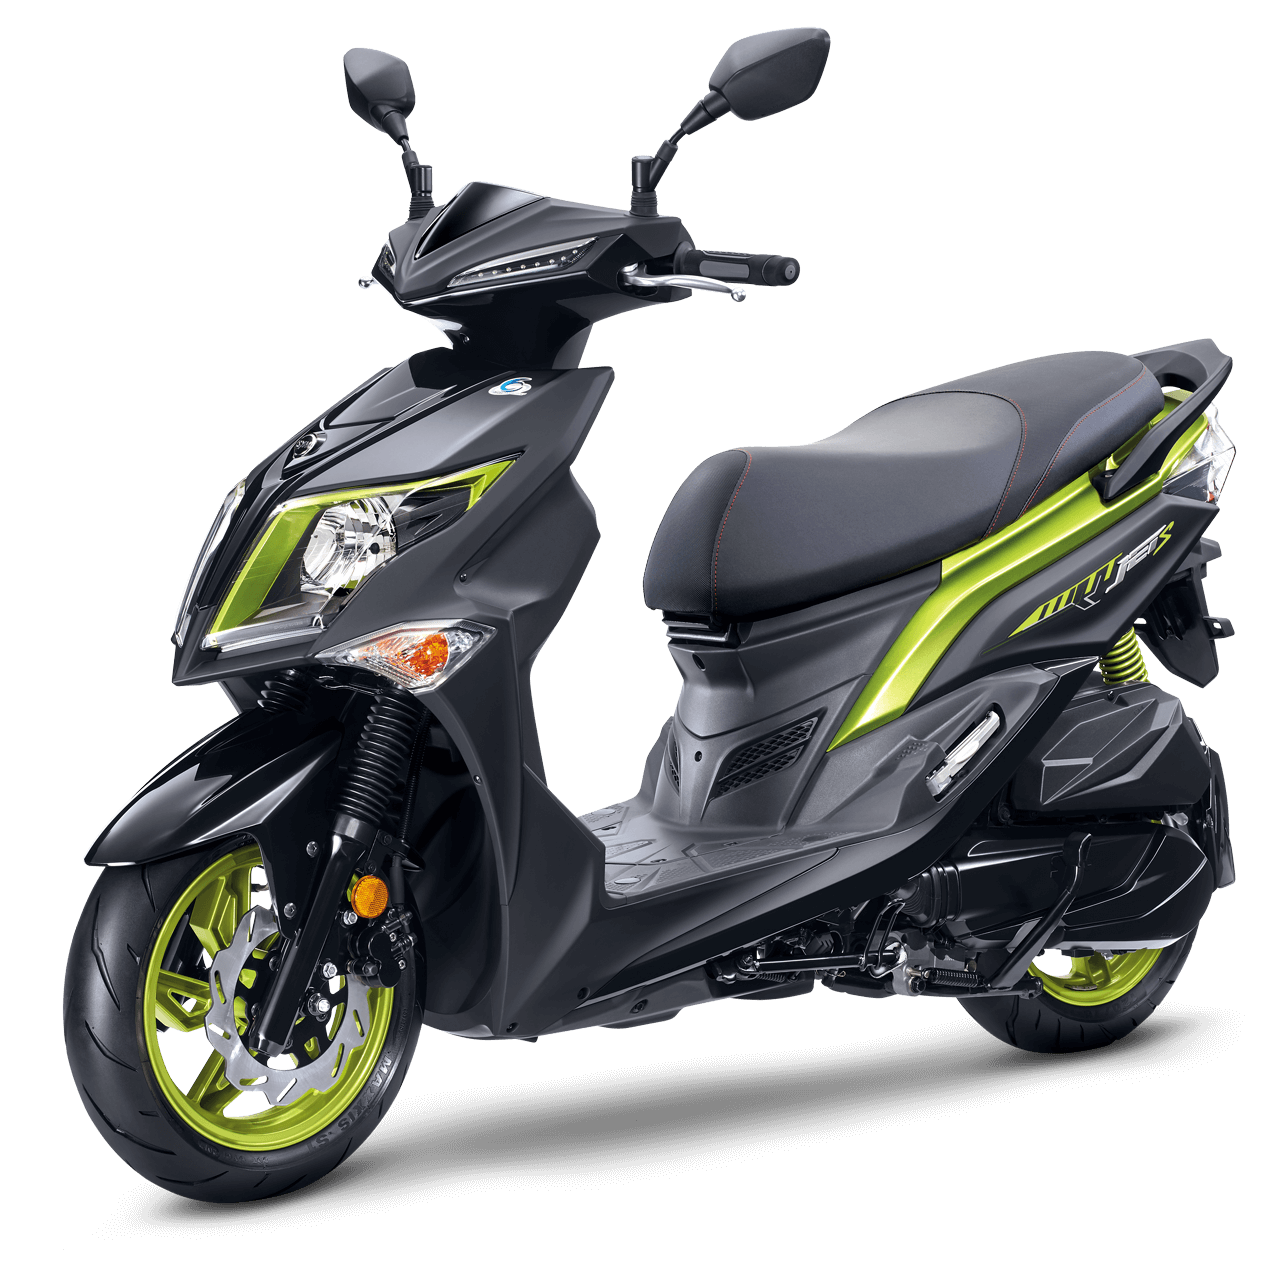 Eoou Z Yu Al 669 Png 1280 1280 Motorcycle Motor Car